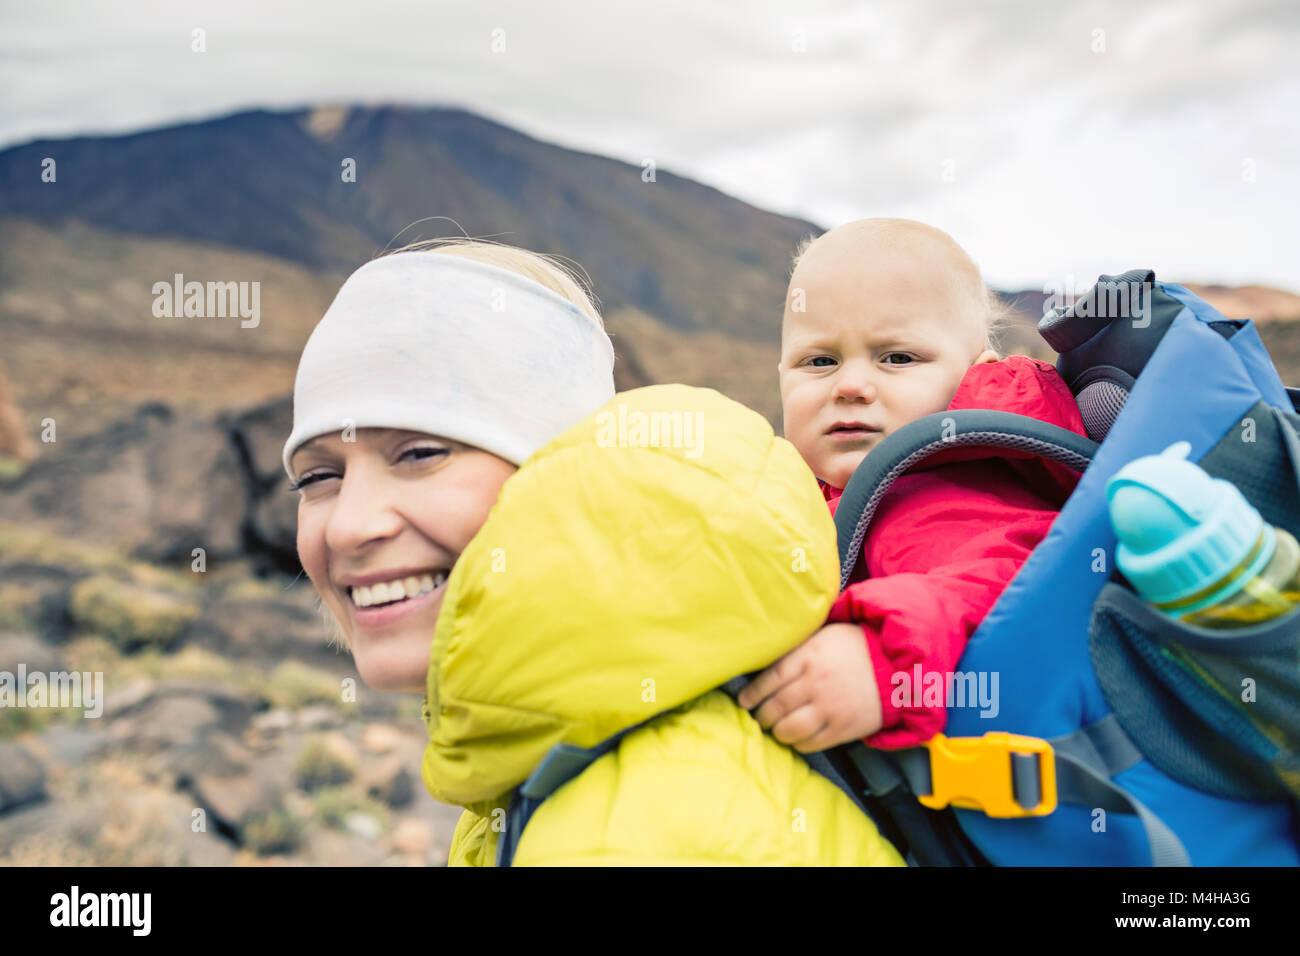 Glückliche Mutter mit kleinen Jungen in Rucksack reisen. Wandern Abenteuer mit Kind auf Herbst Familie Reise Stockbild